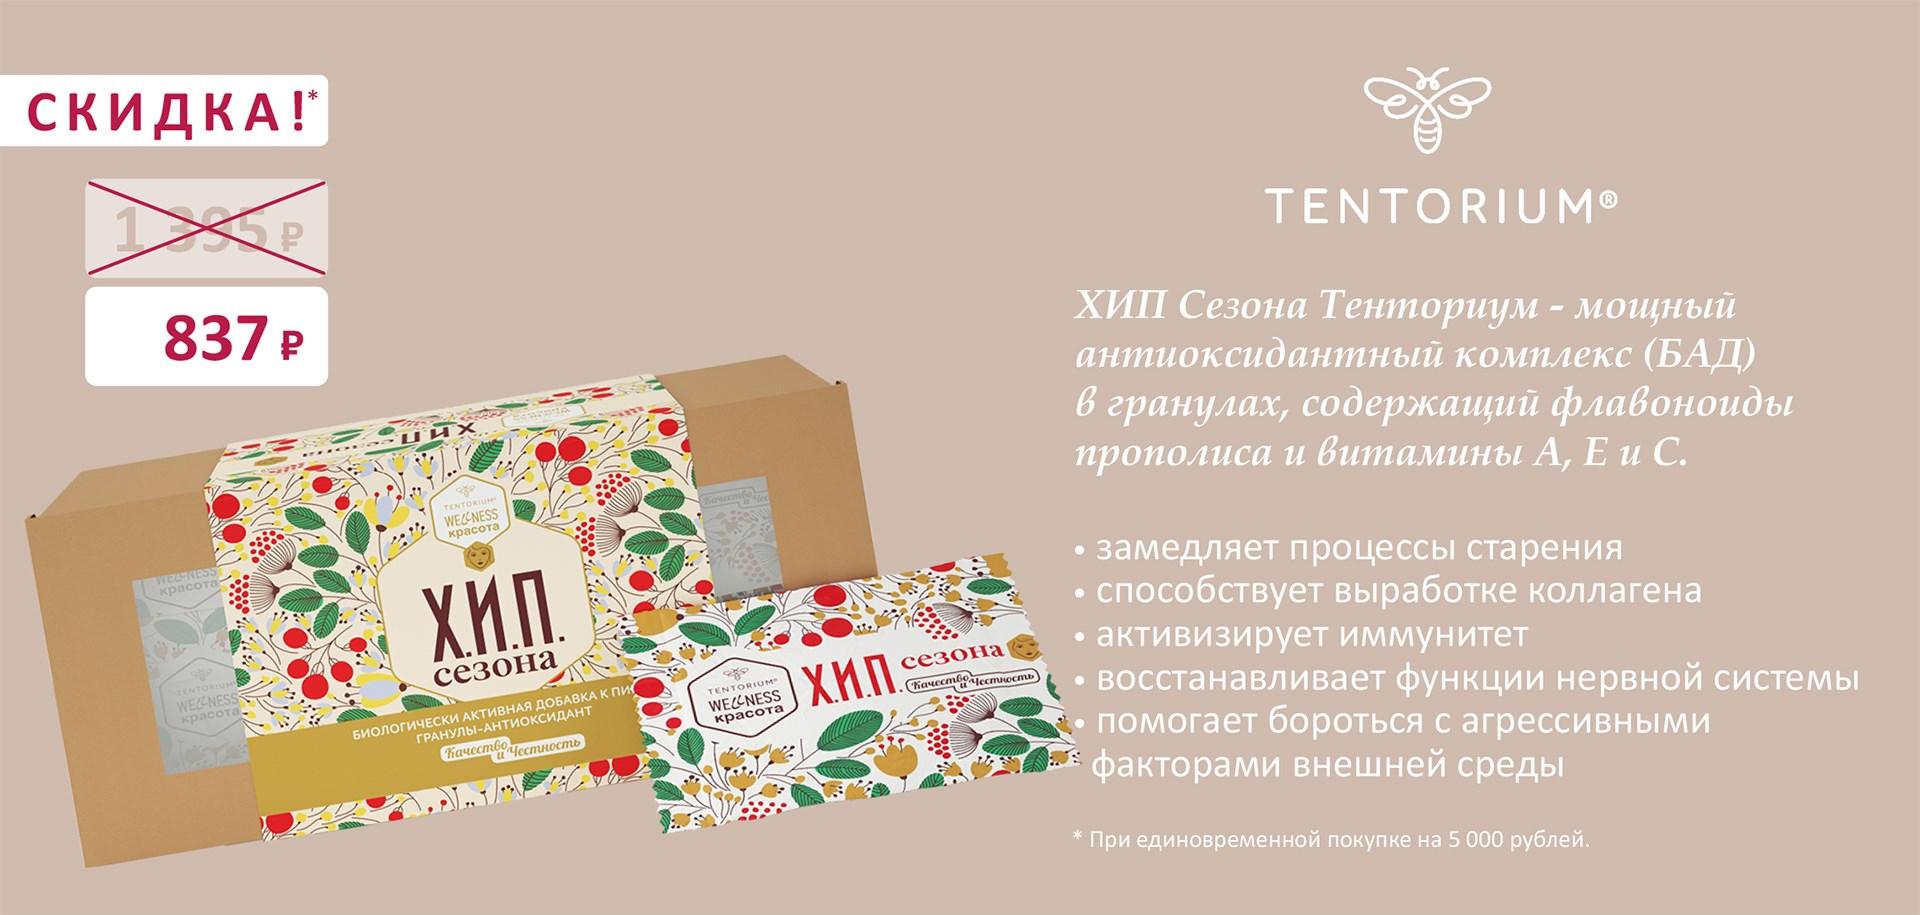 ХИП Сезона ТЕНТОРИУМ купить со скидкой официальный магазин TENTORIUM